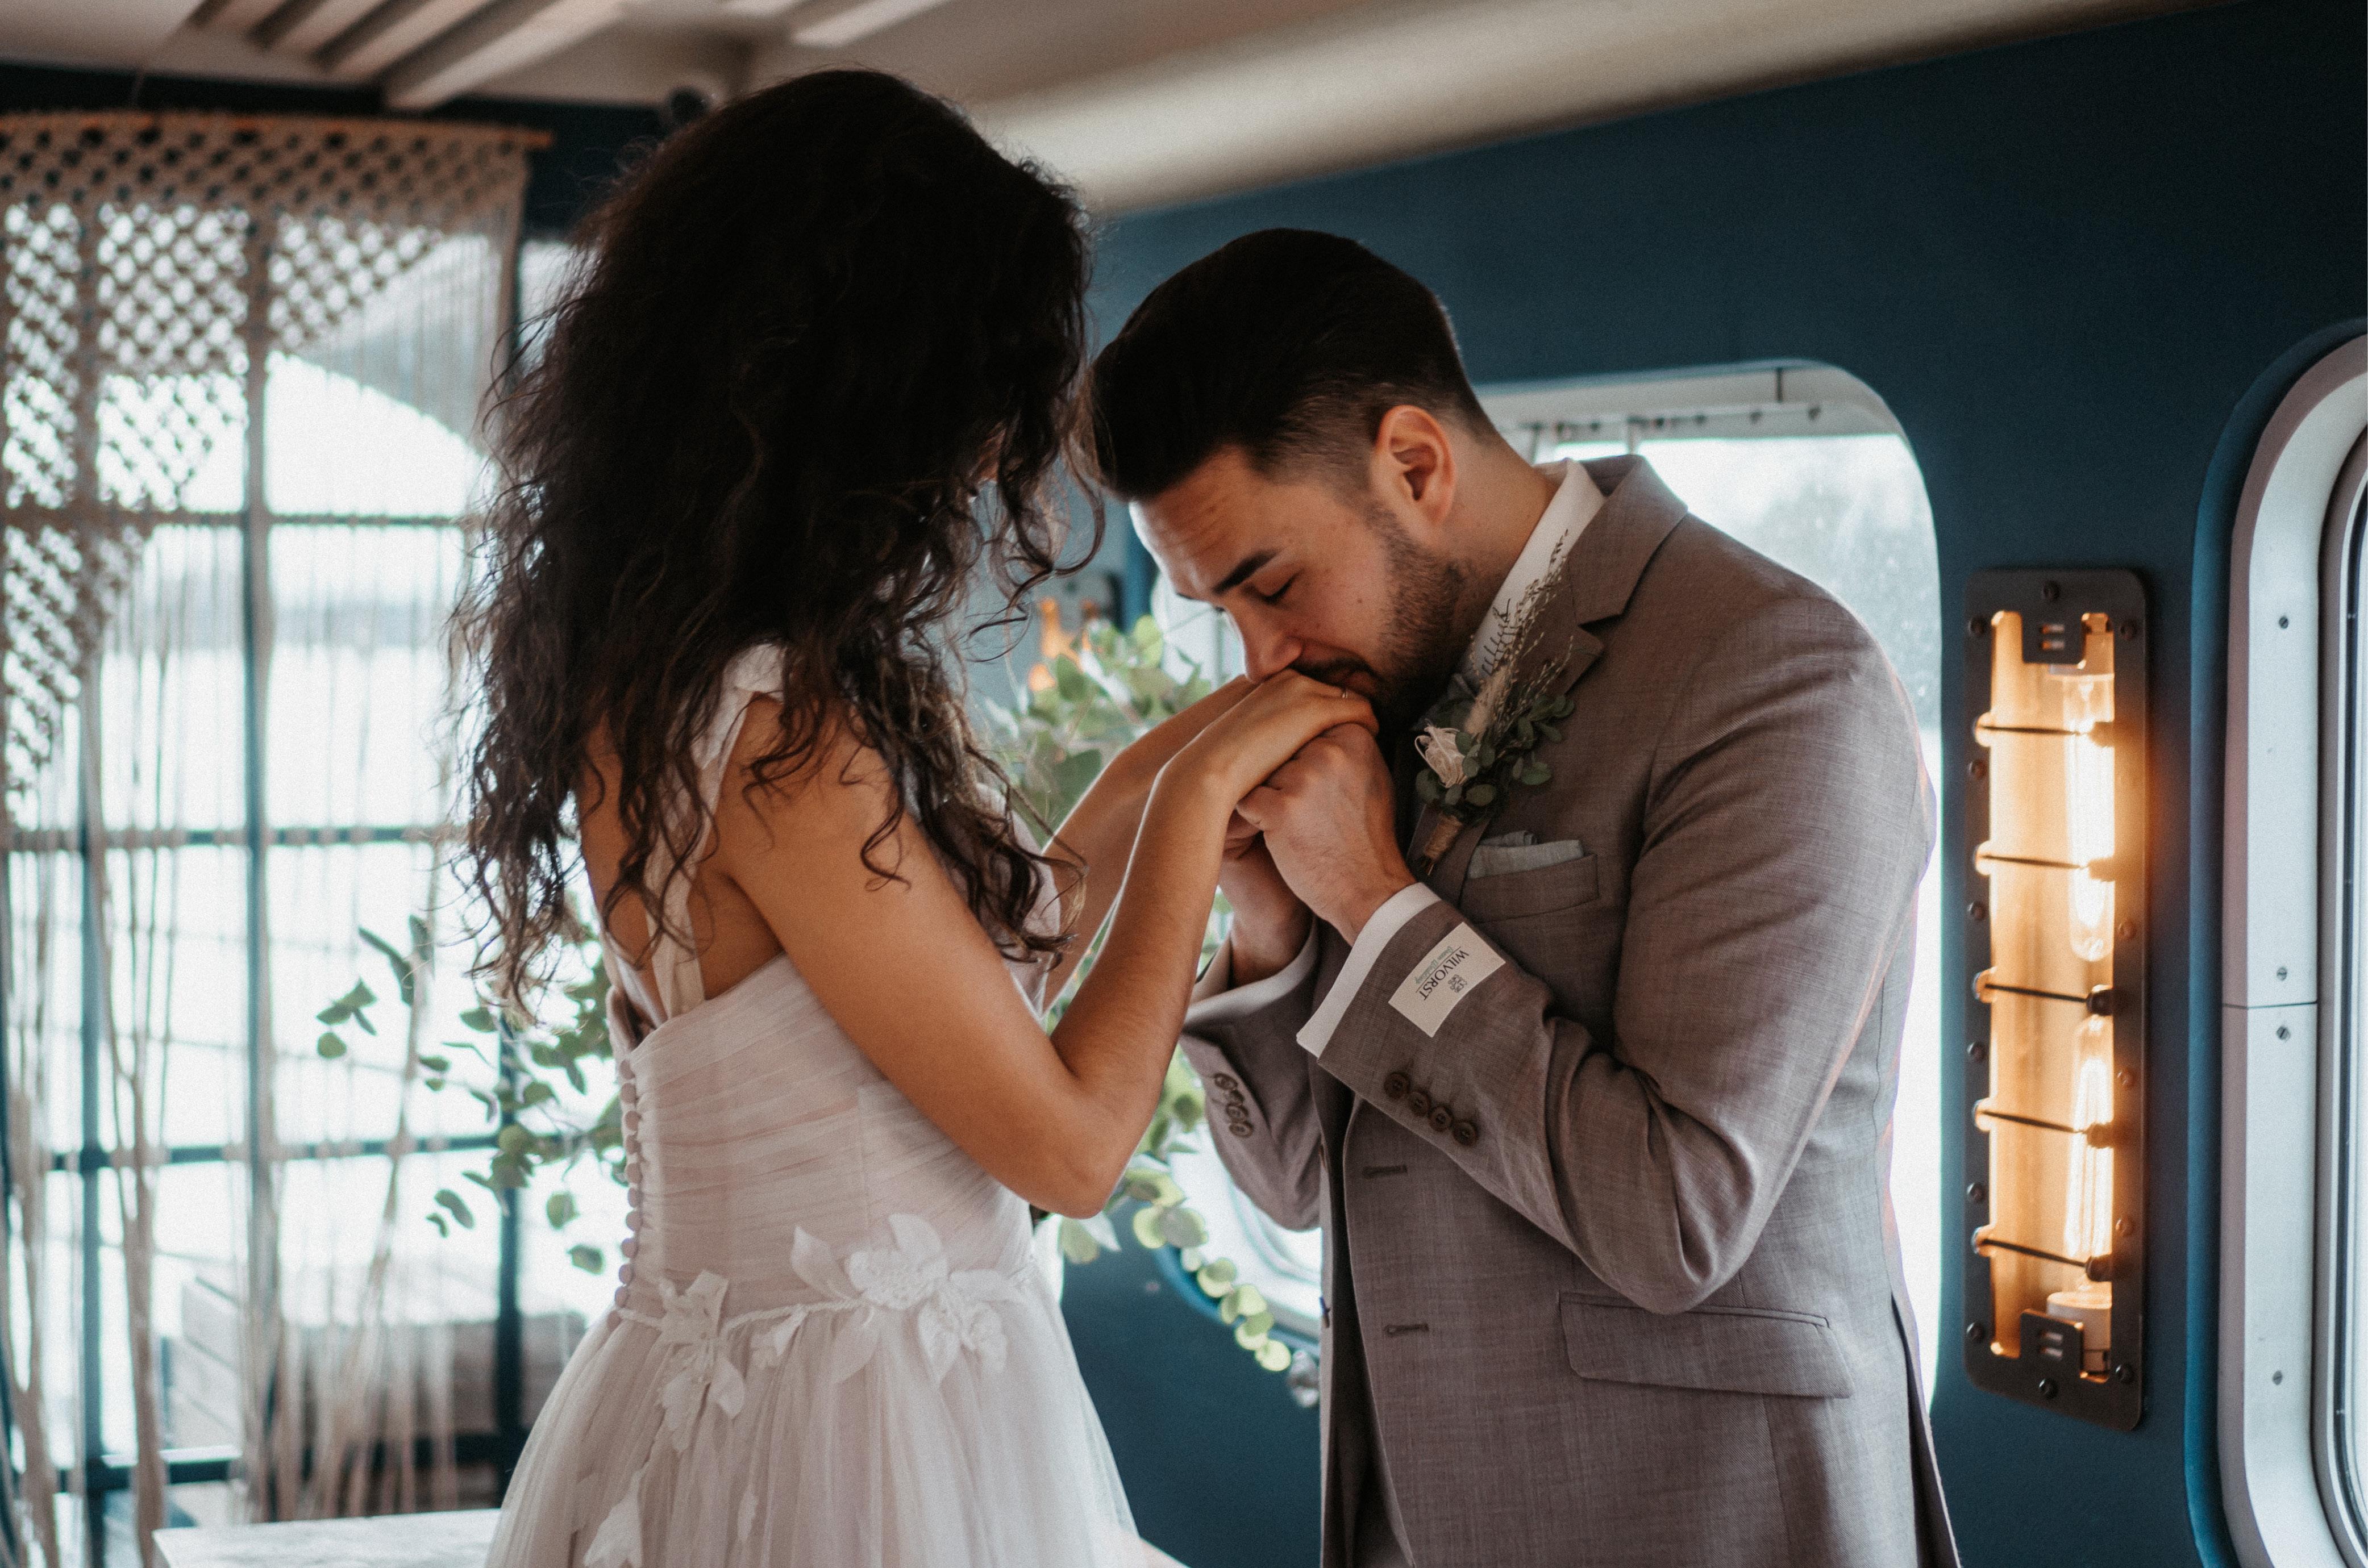 Bräutigam küsst Braut auf die Hände nach der freien Trauung.